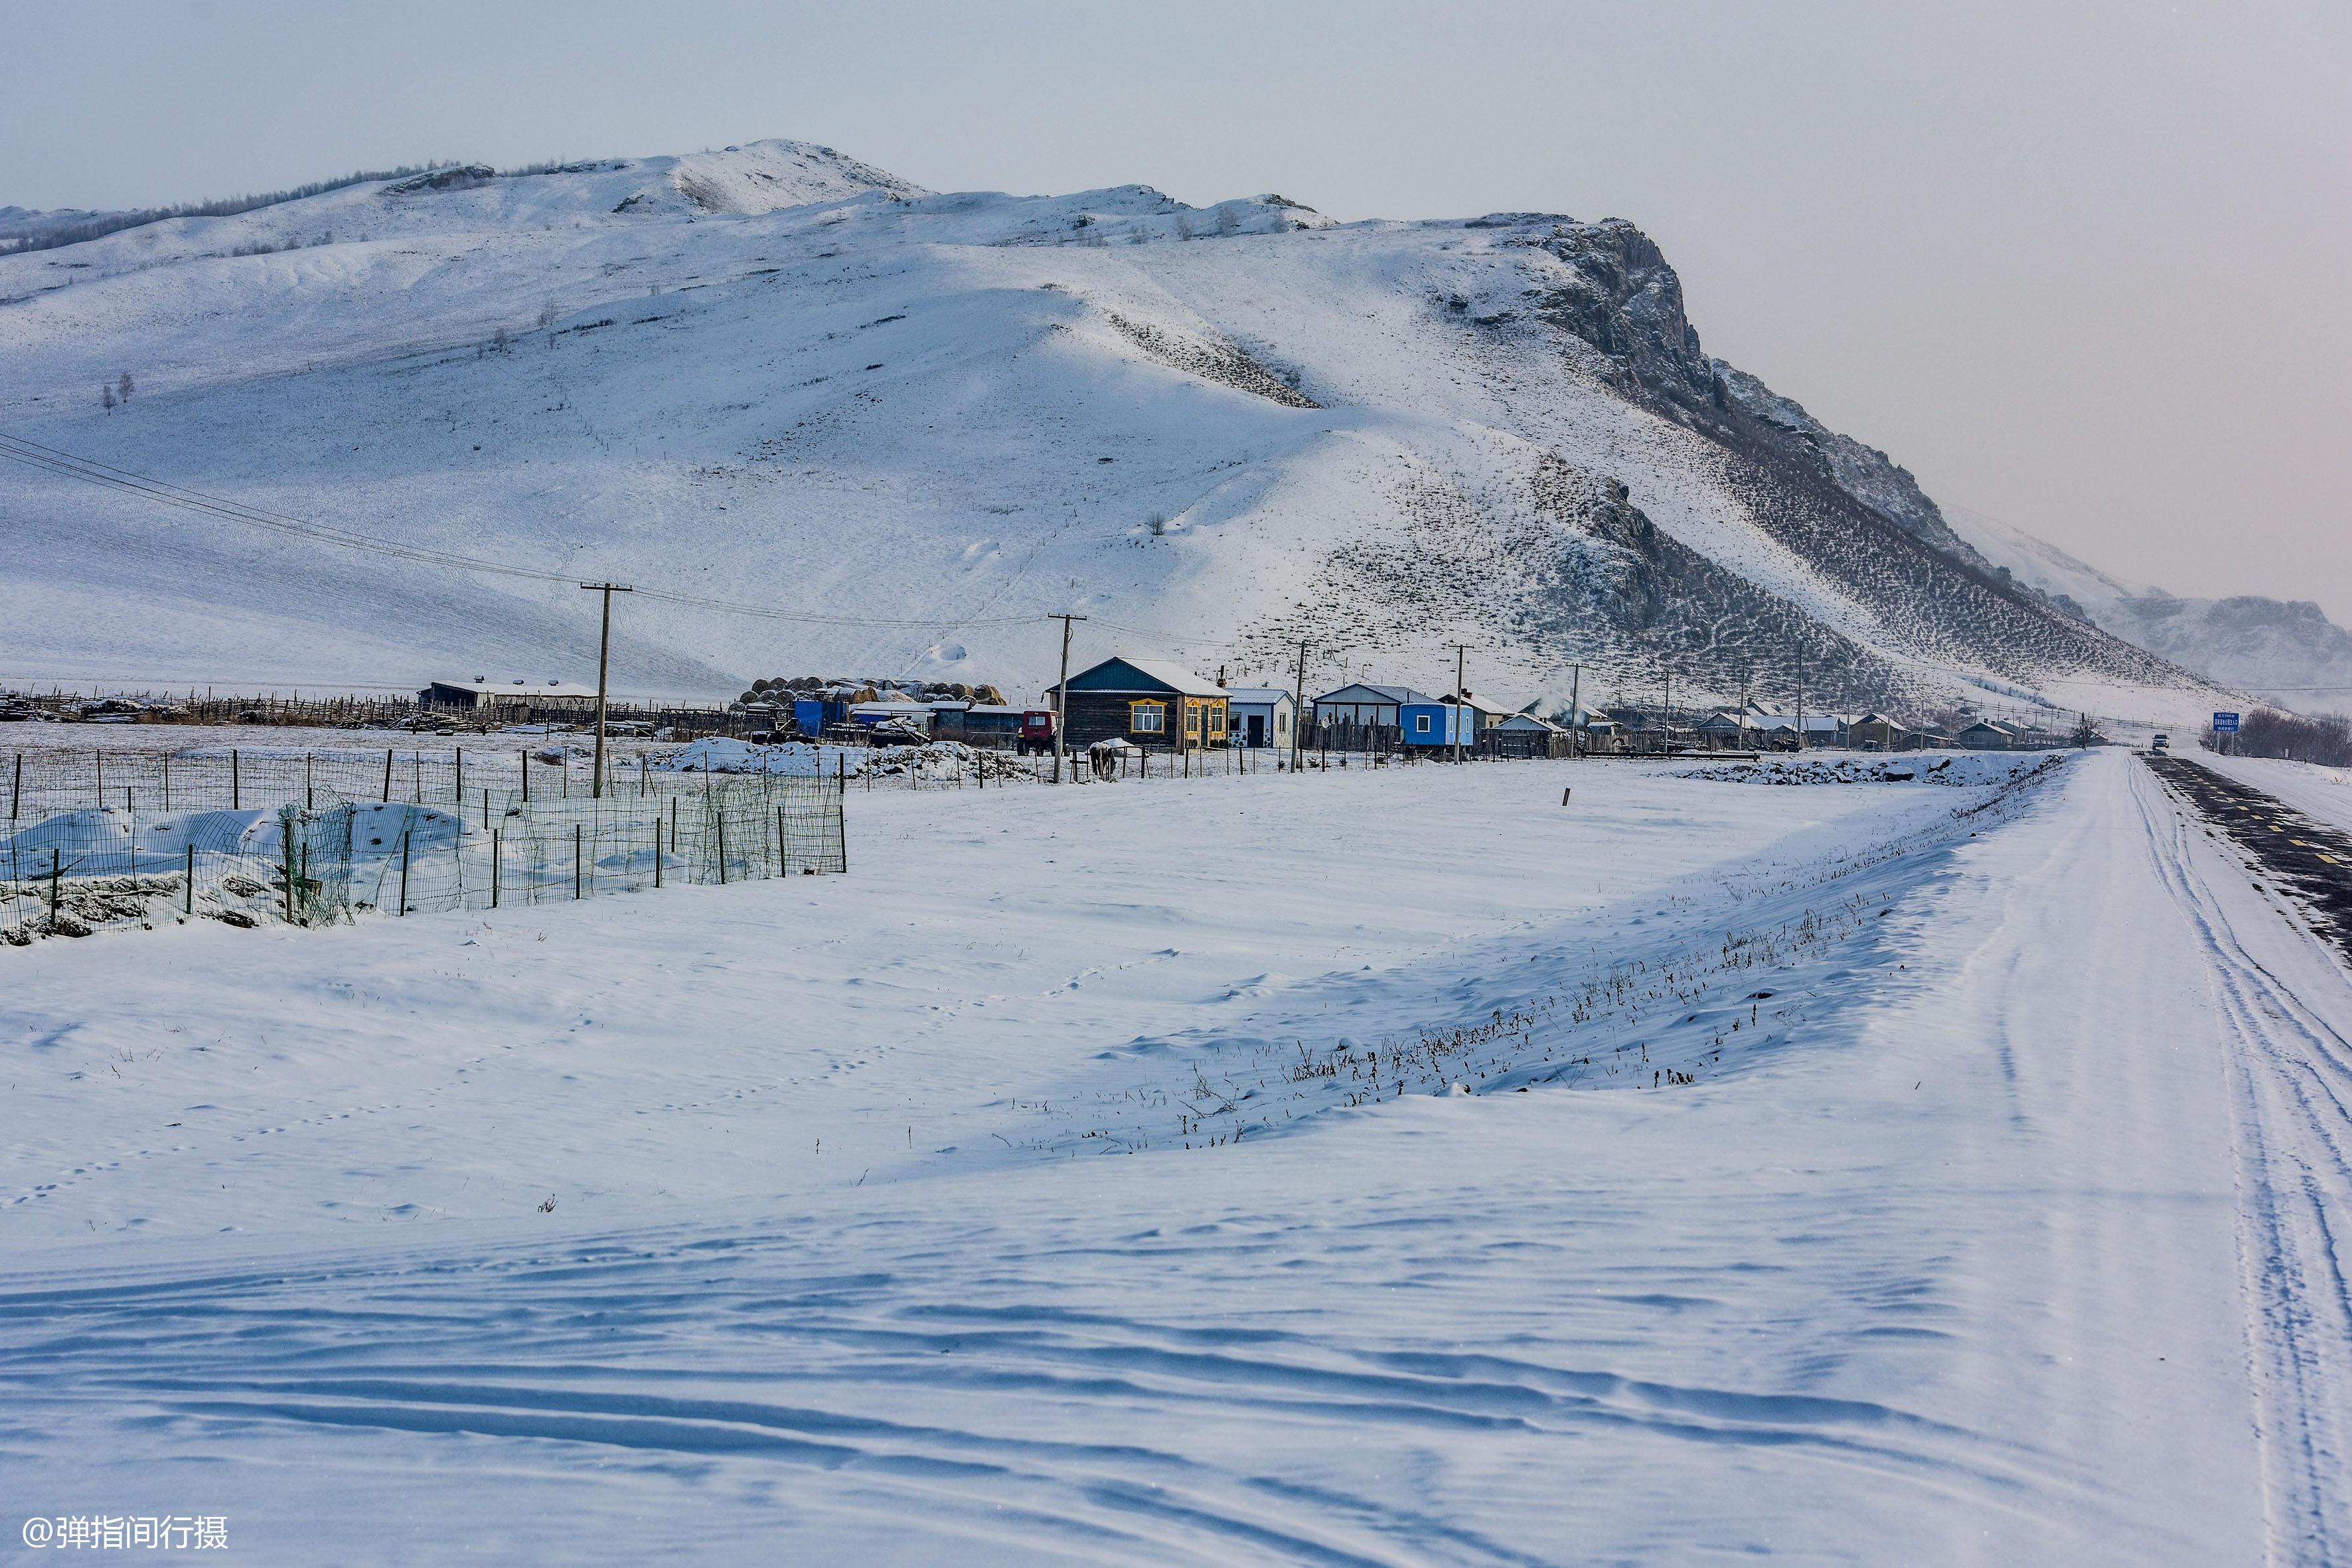 """零下30度的呼伦贝尔,美如""""冰雪仙境"""",是被""""低估""""的冬游胜地"""